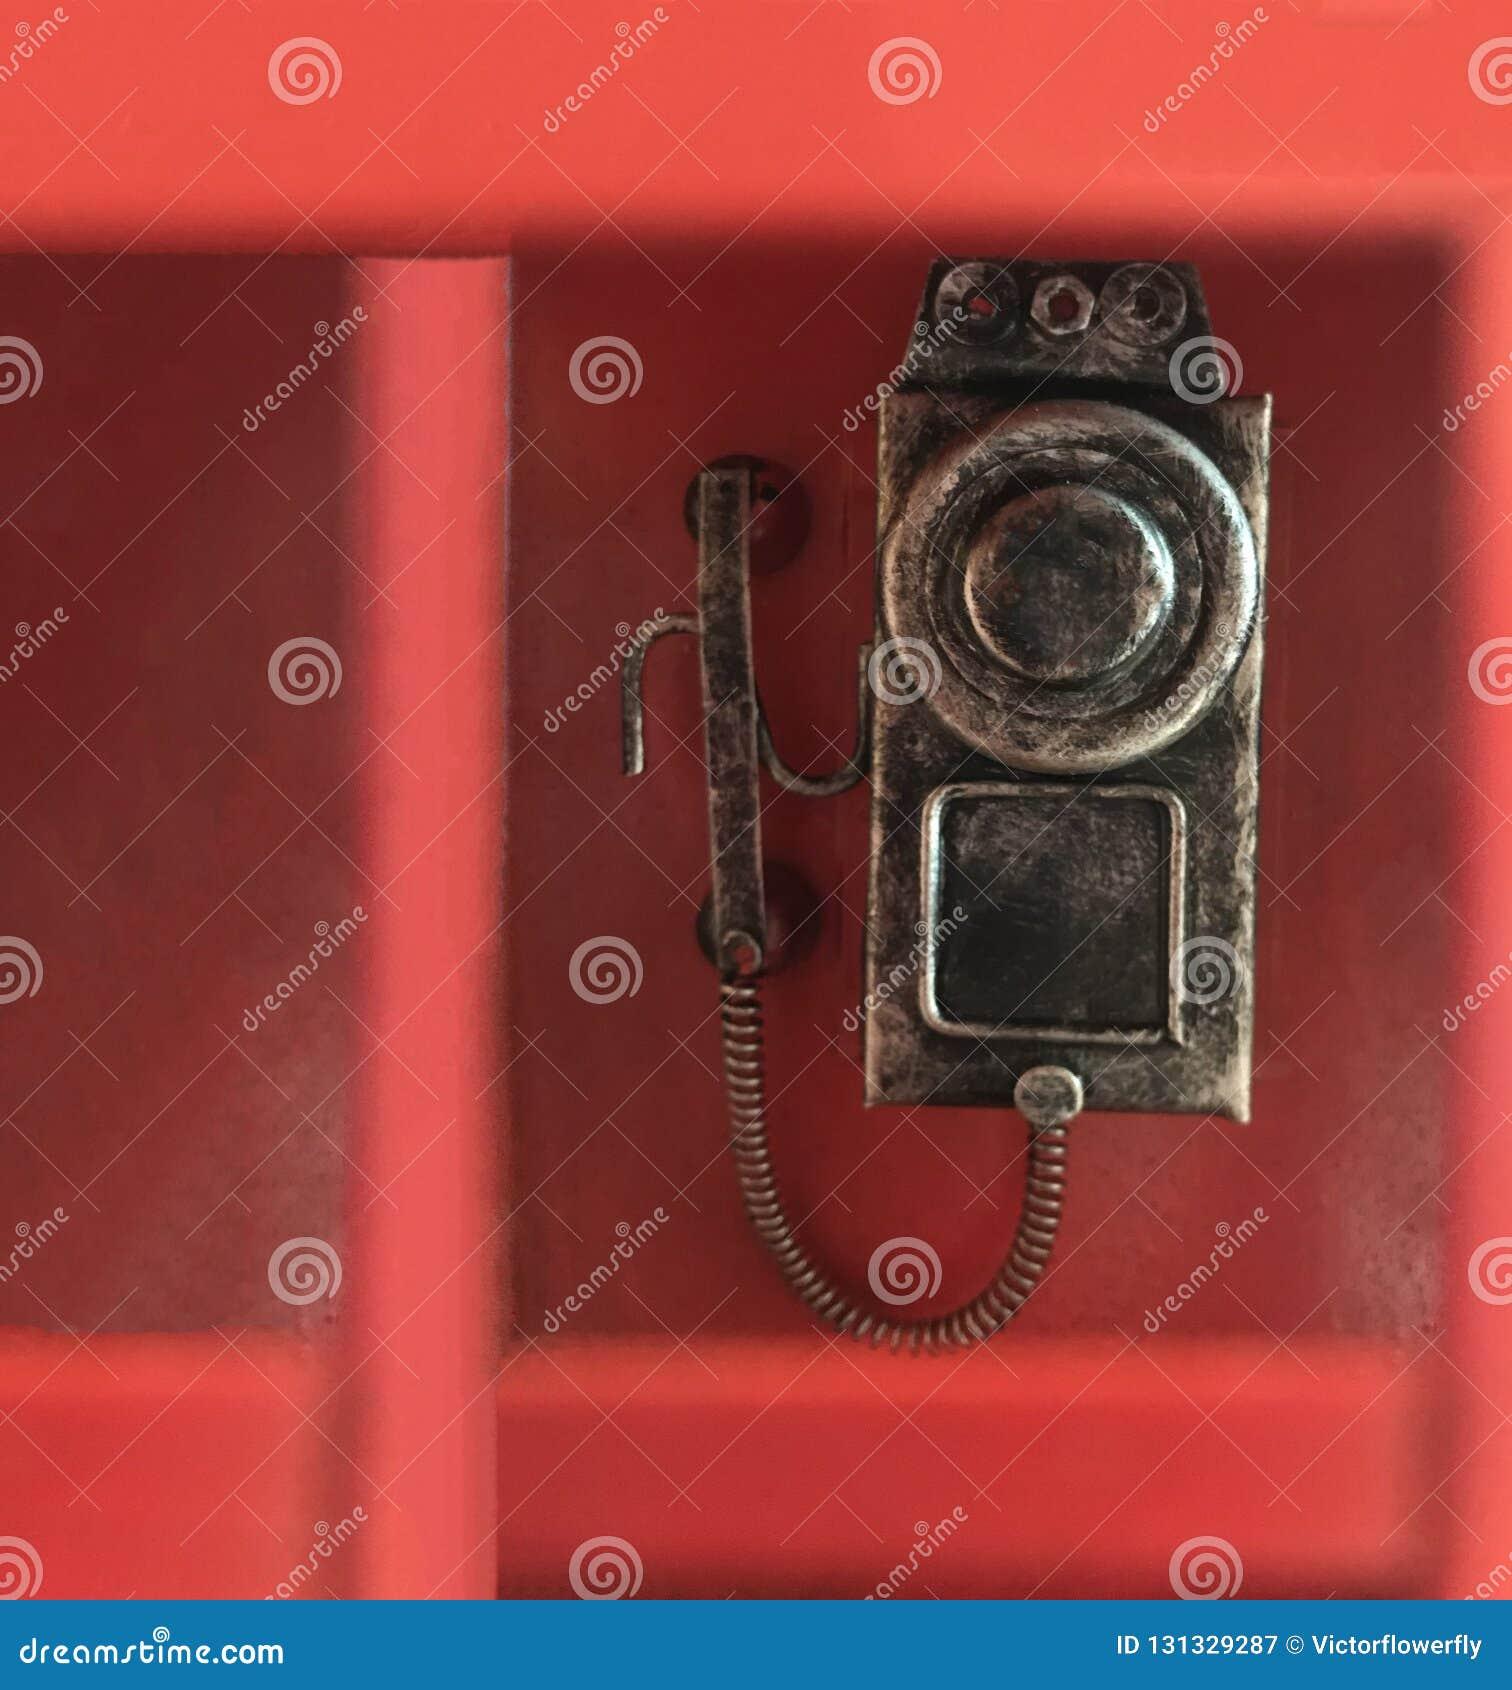 Tradycyjny klasyczny czerwony telefonu pudełko gotowy wybierać numer wezwanie, w którym dołącza konwencjonalnej ściennej tarczy o